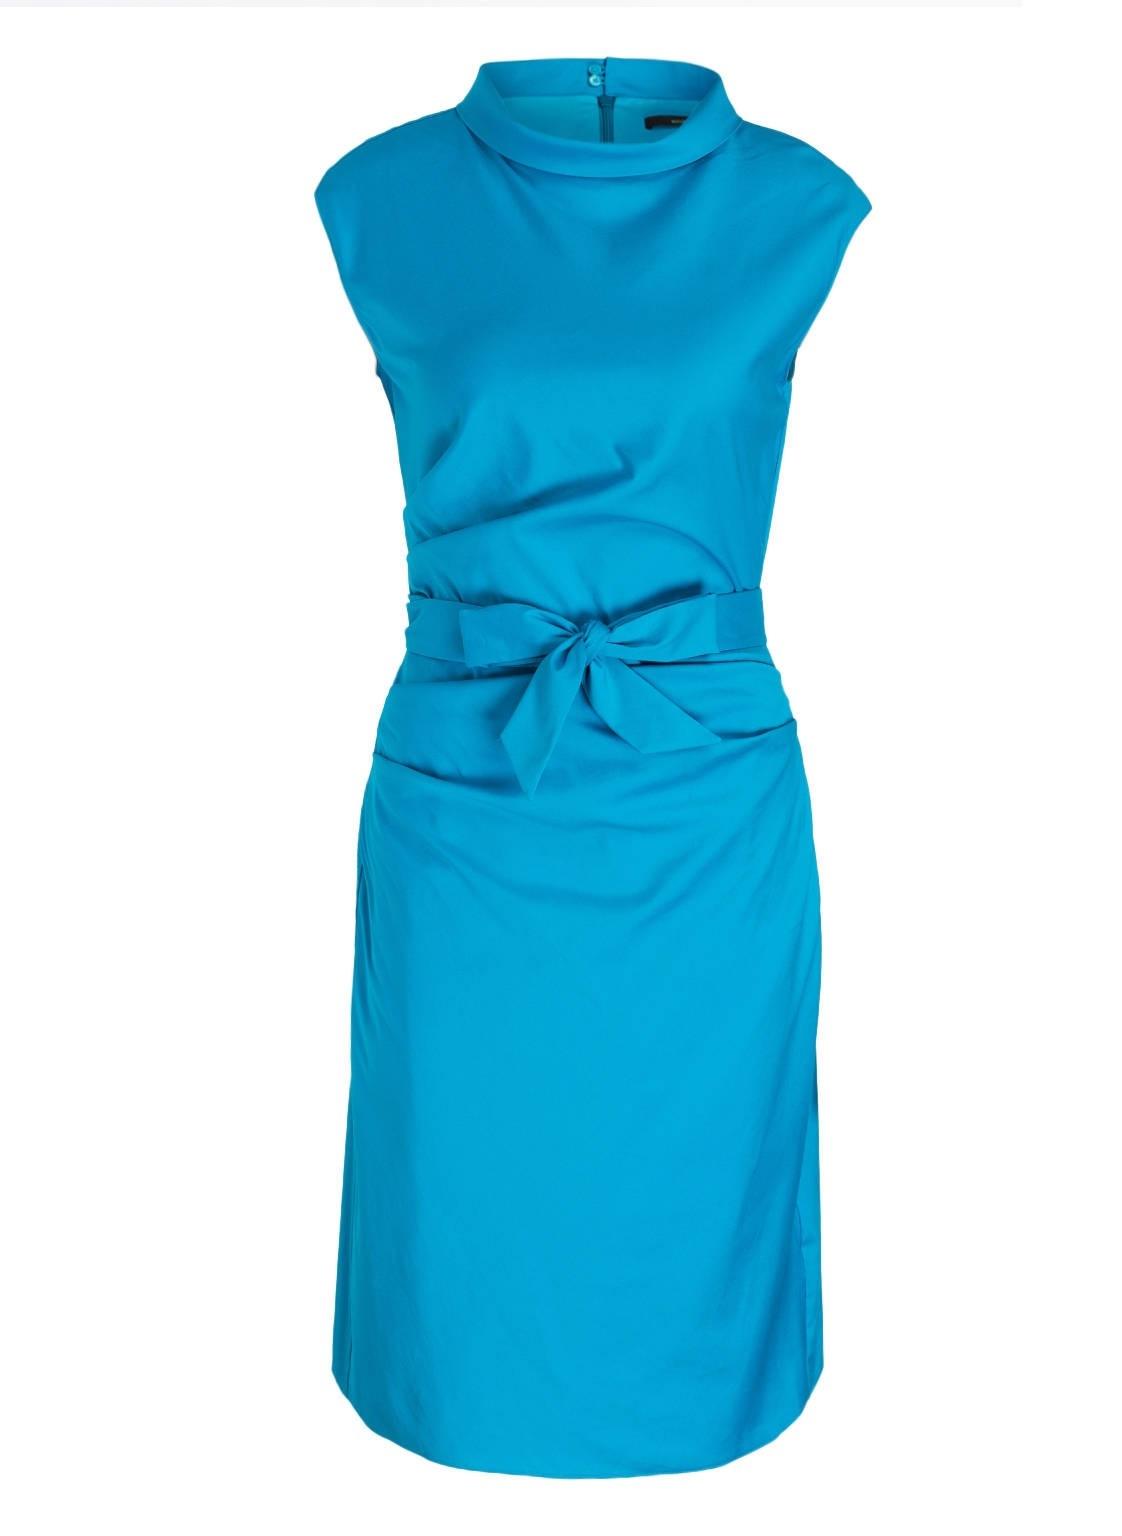 Wunderbar Damen Kleid Türkis ÄrmelDesigner Schön Damen Kleid Türkis Boutique